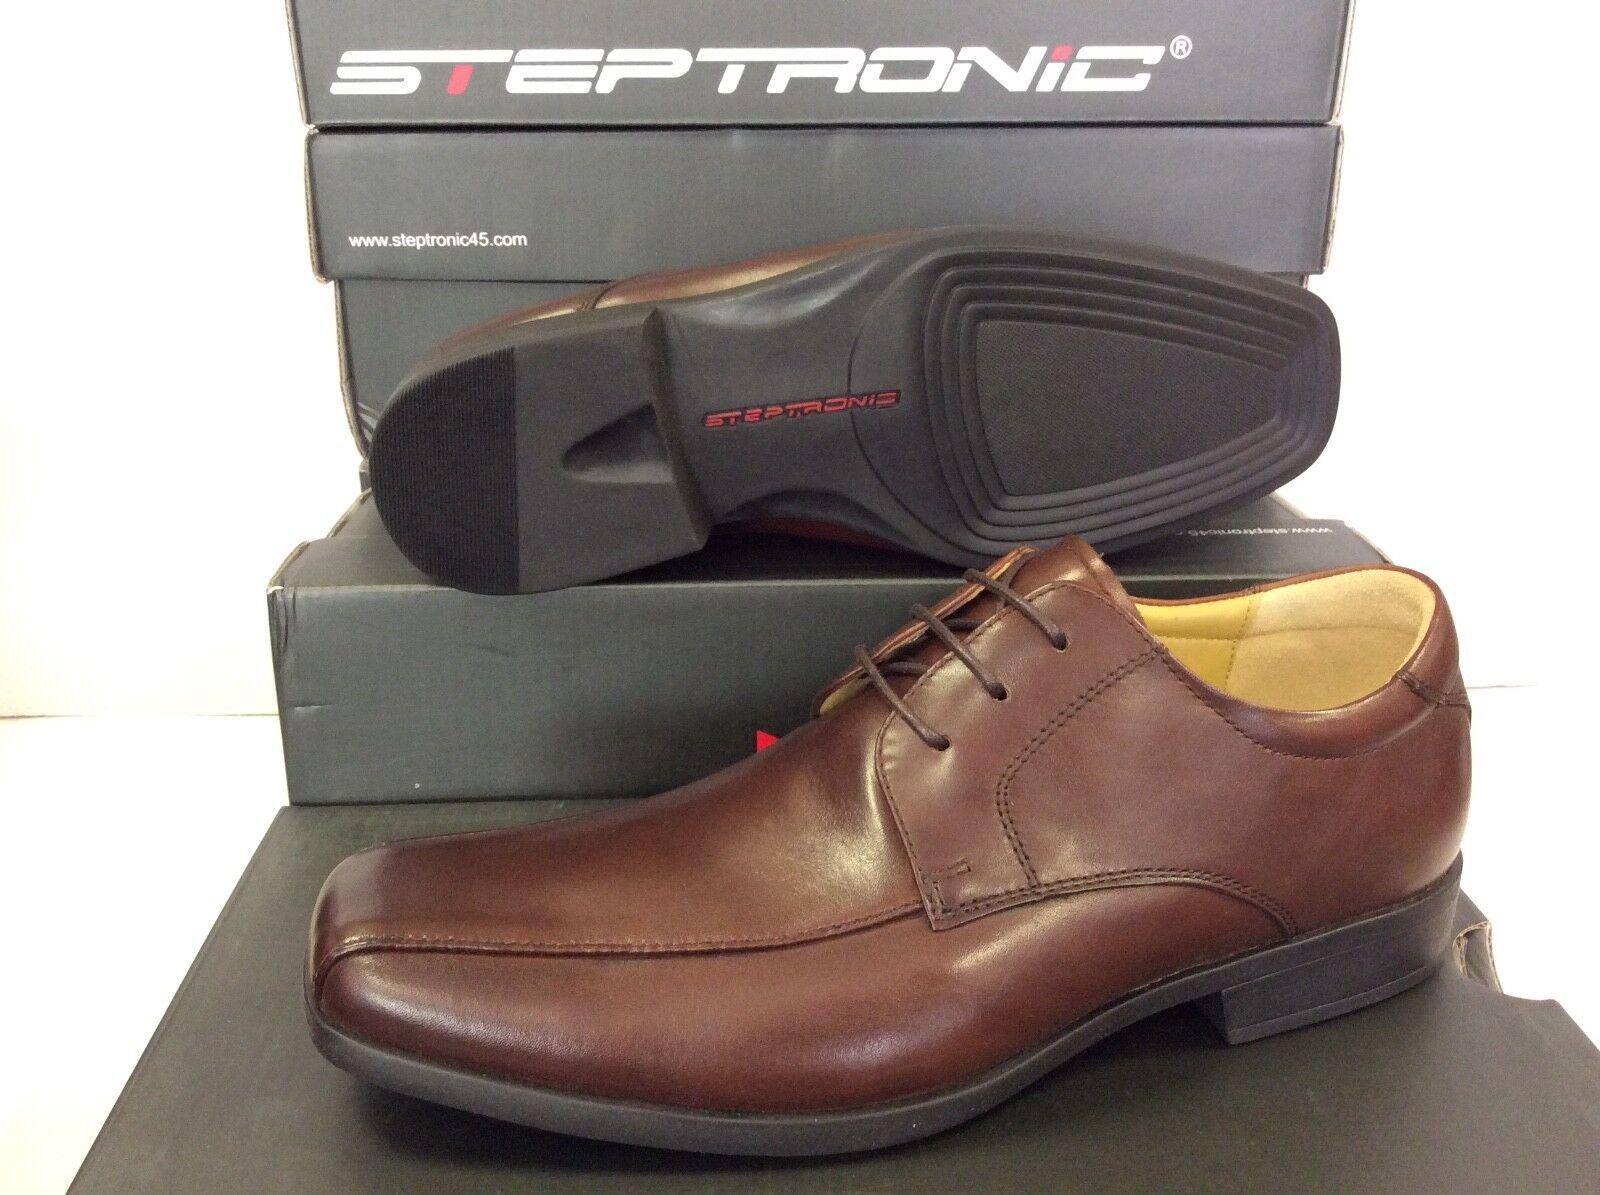 Steptronic Wistow Lace Up Dark braun Waxed Leather Mens schuhe, Größe UK 12  EU 46    | Garantiere Qualität und Quantität